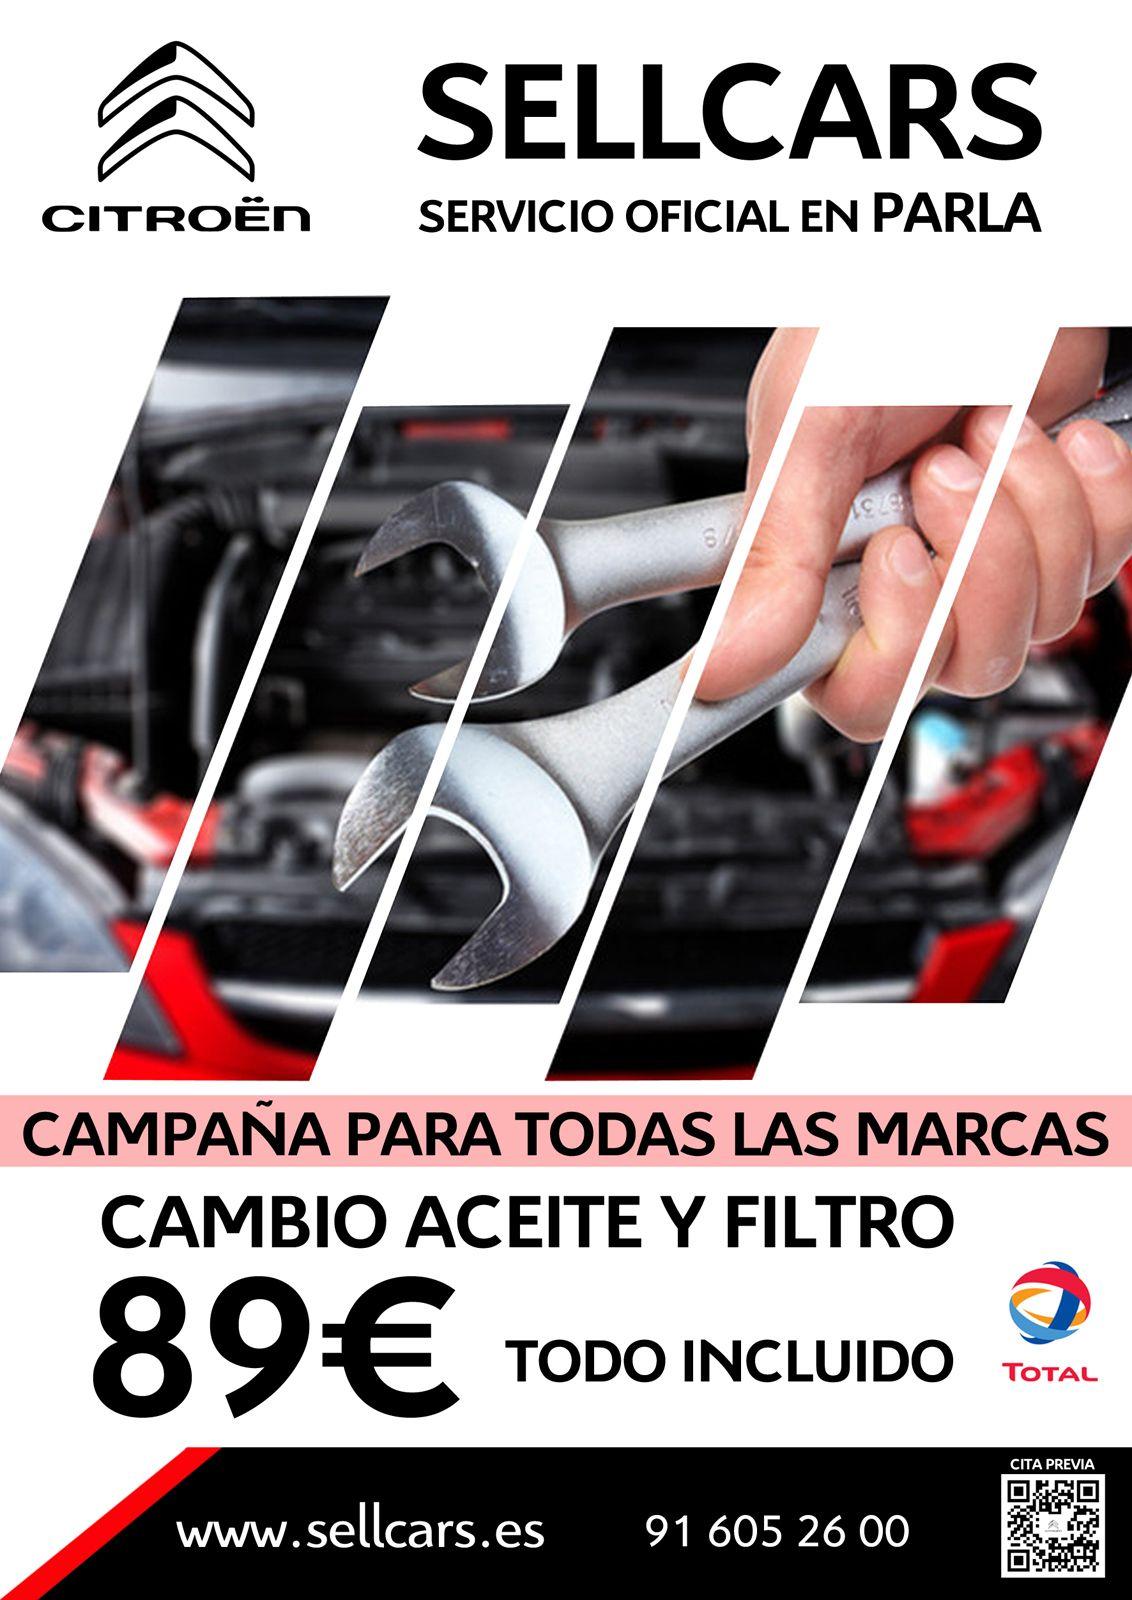 Cambio Aceite y Filtro 89€